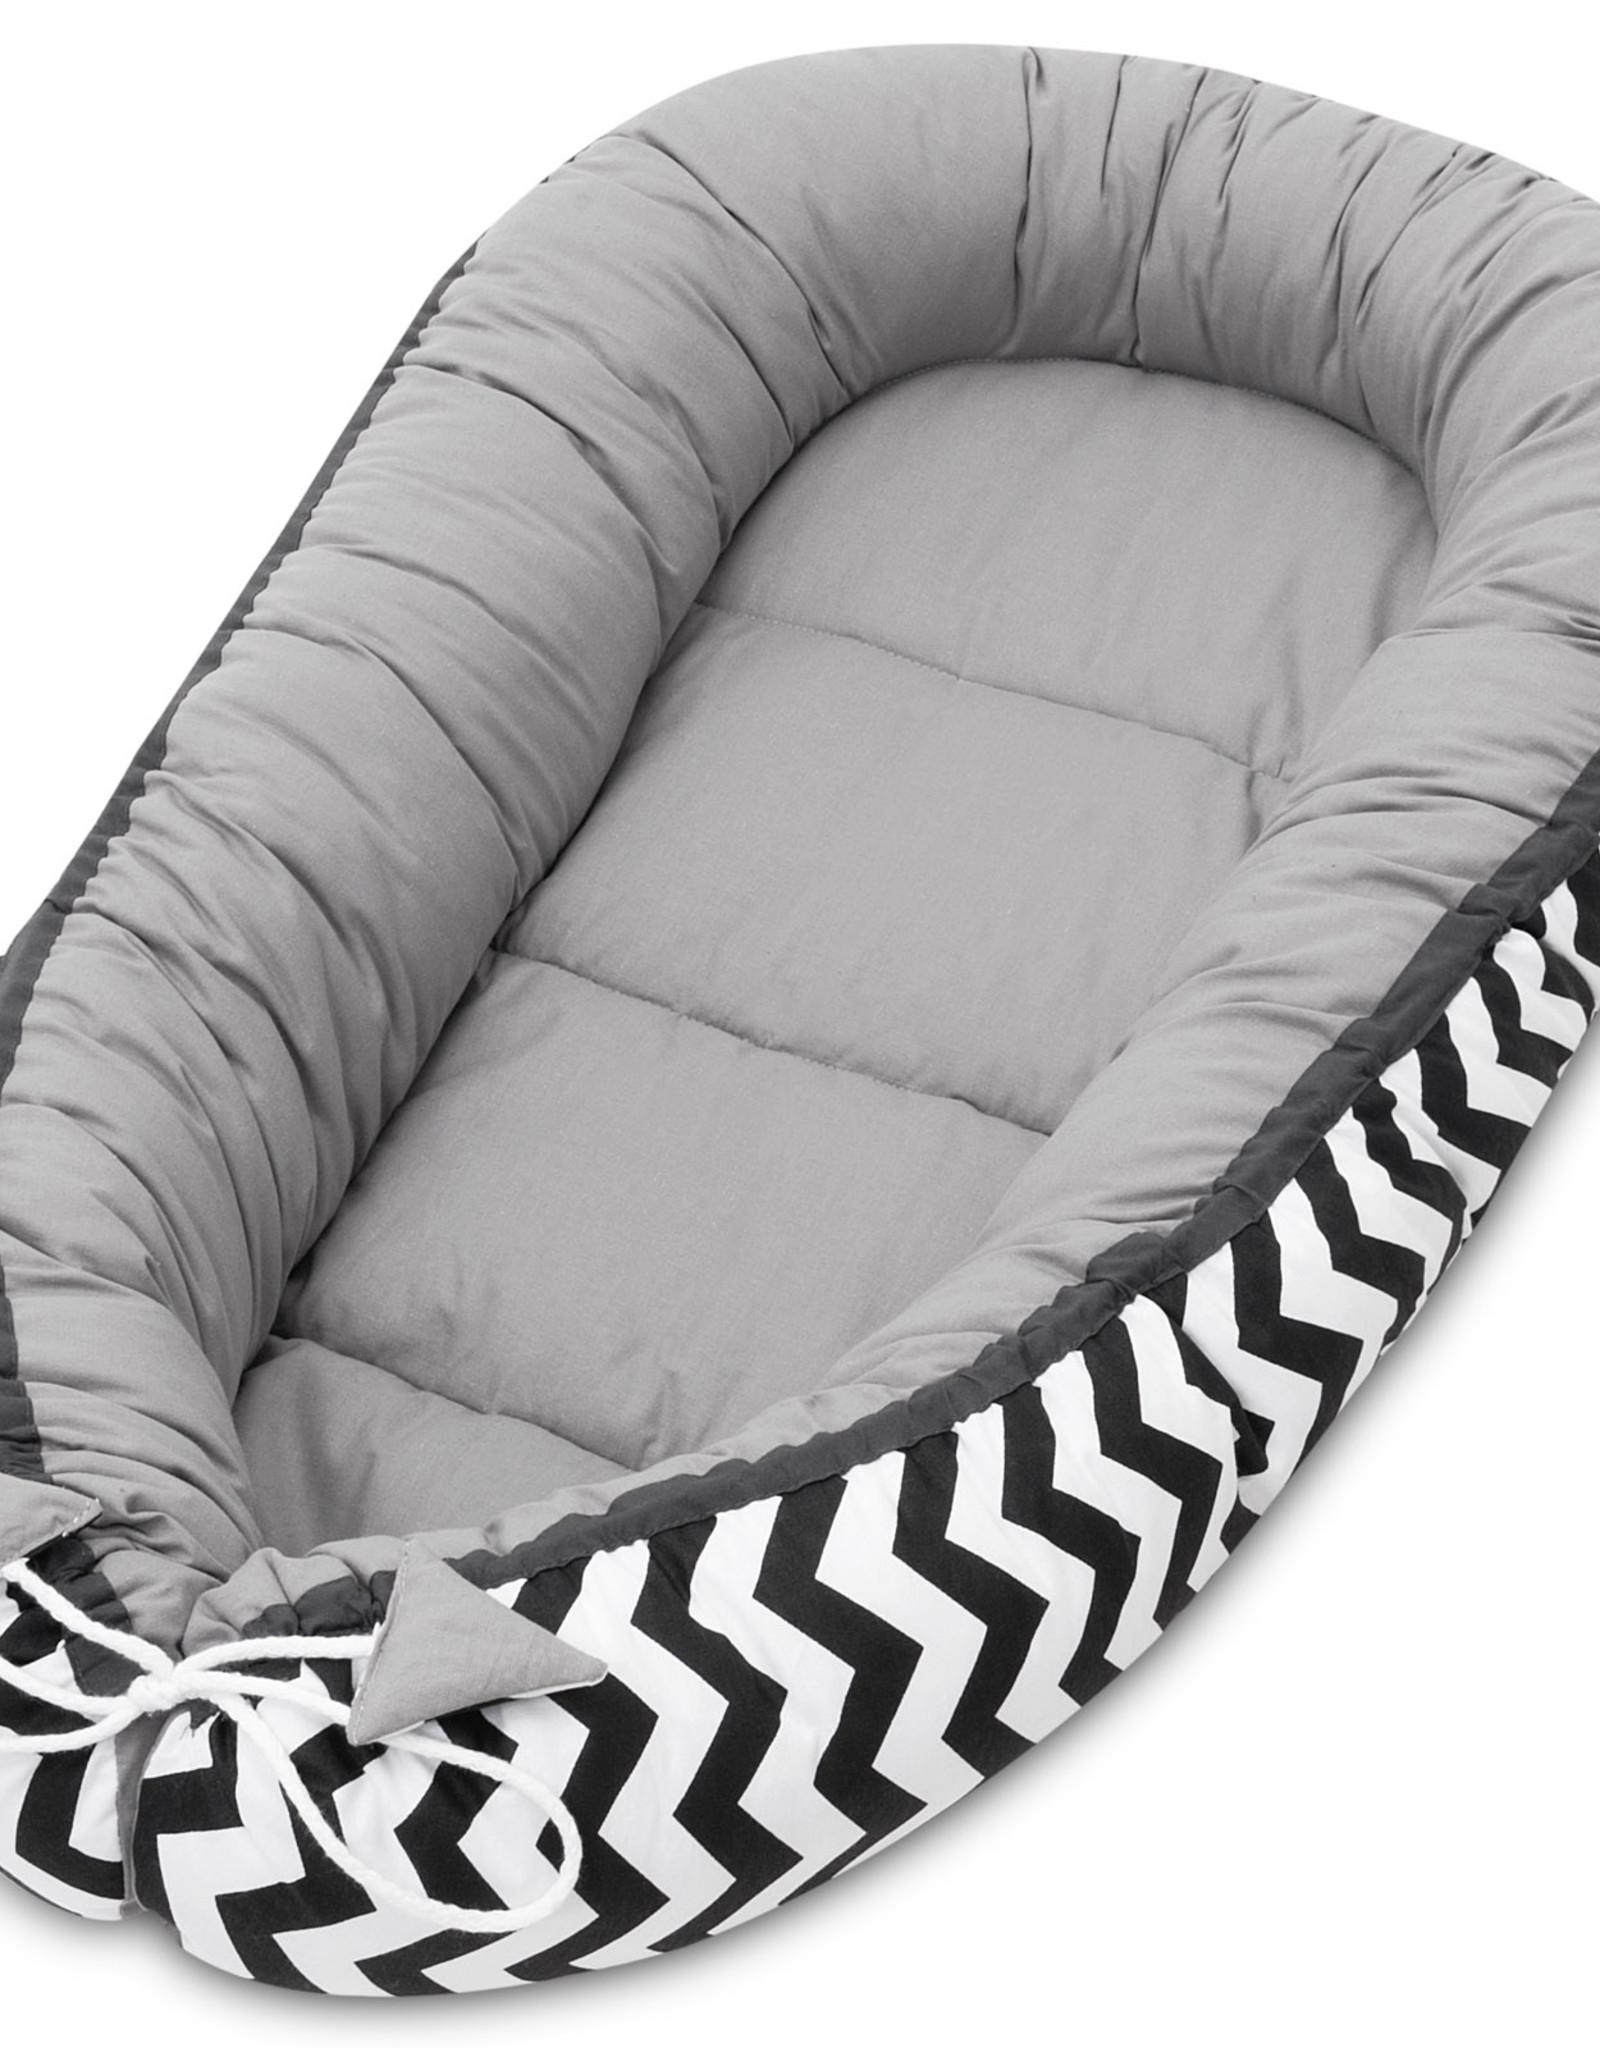 Baby nest - Zig Zag